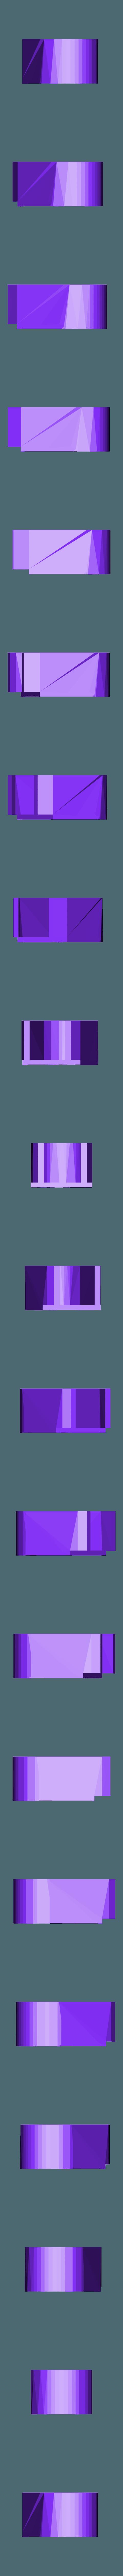 coffre_2F.STL Download STL file Square signal Purple • Object to 3D print, dede34500